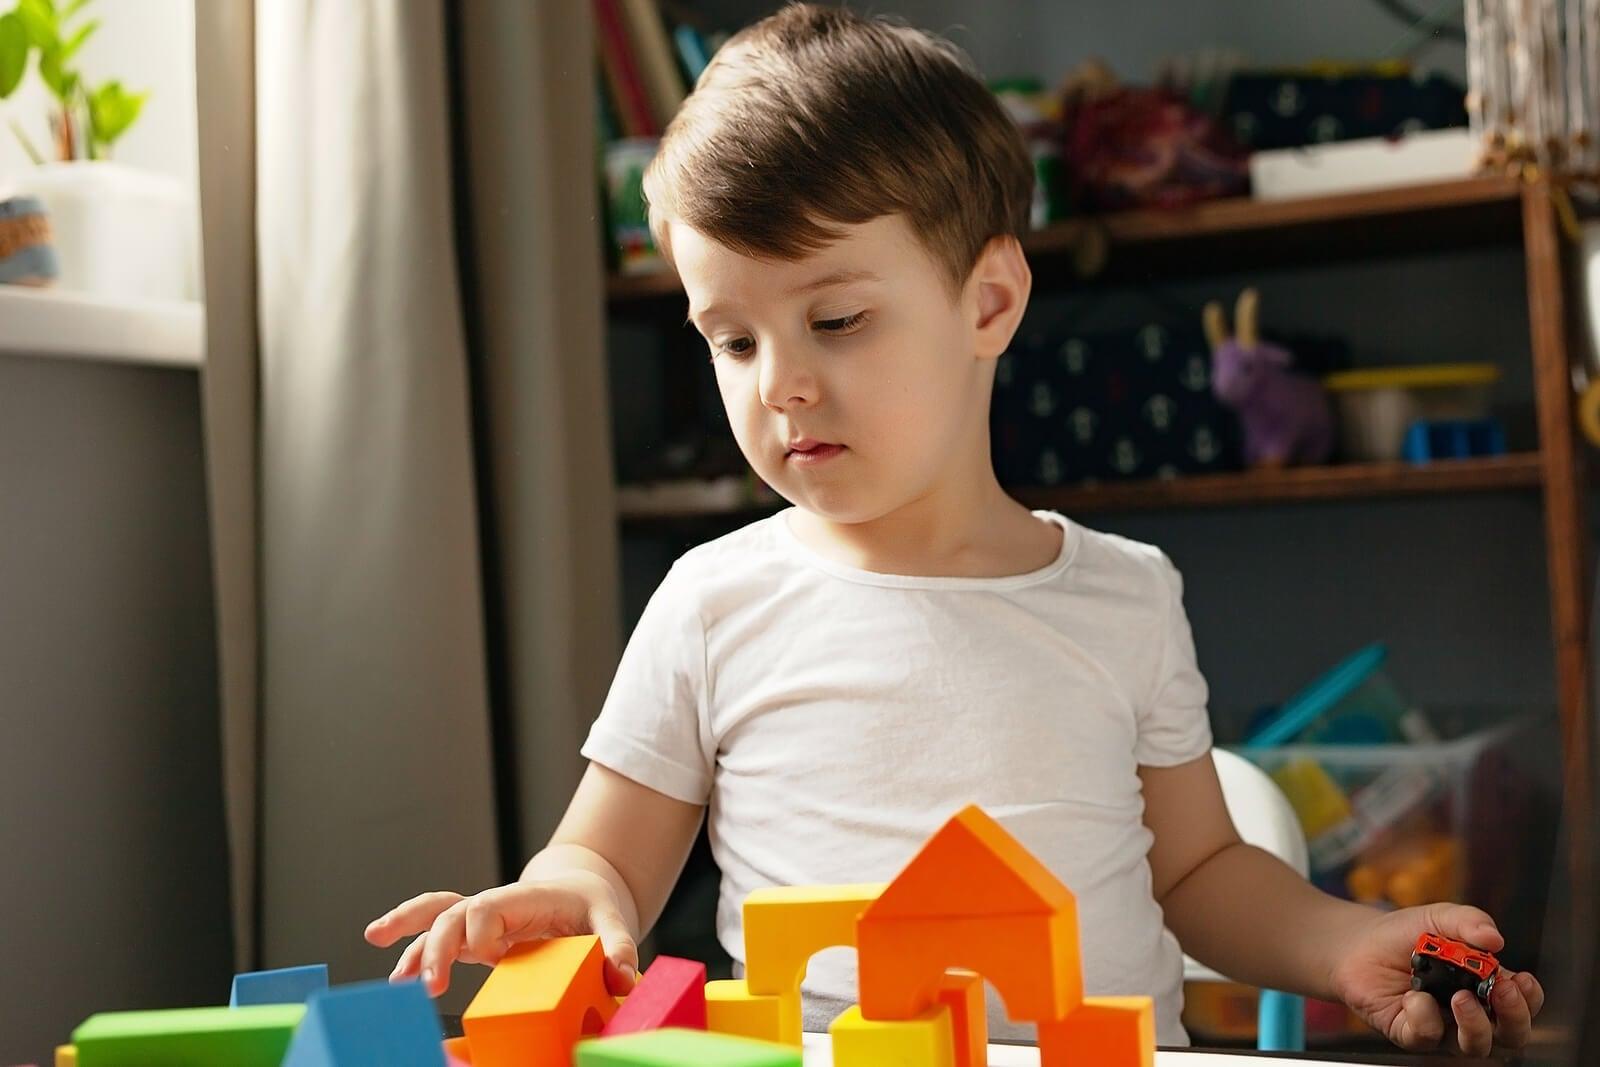 Niño jugando con los bloques de construcción pero sin querer recogerlos.